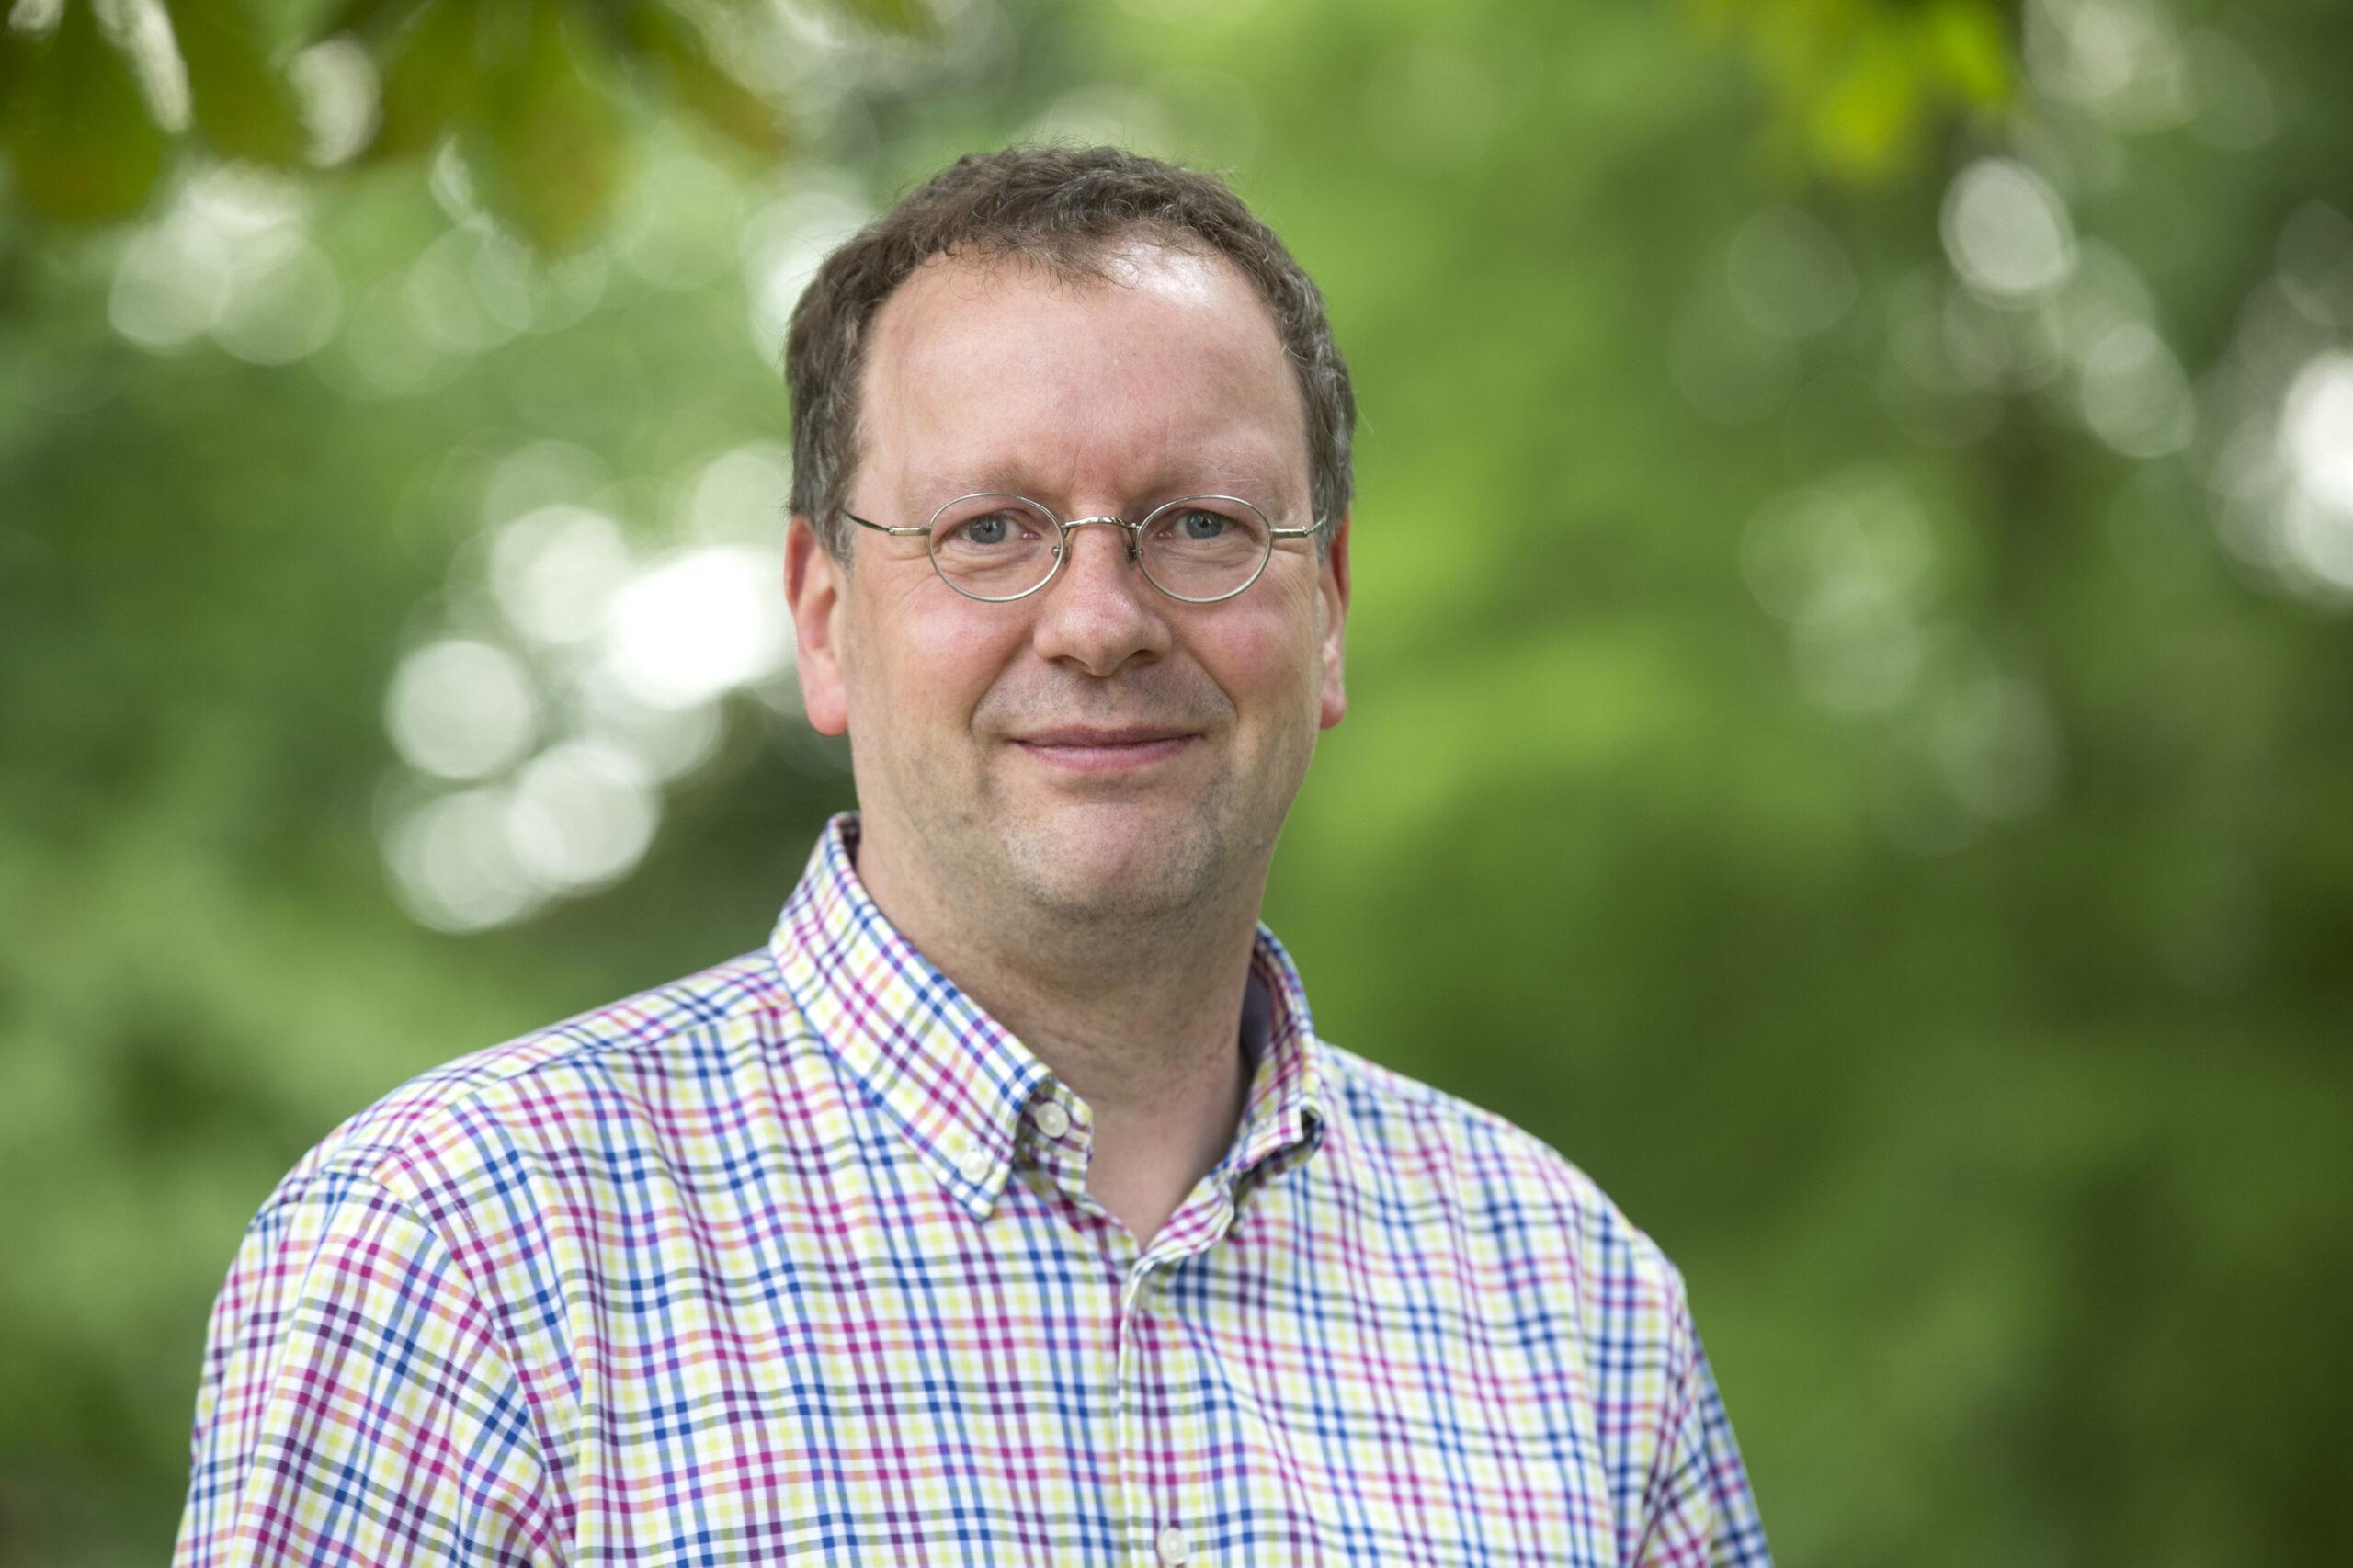 Grüne unterstützen SGBM – Kandidaten Thorsten Hensel